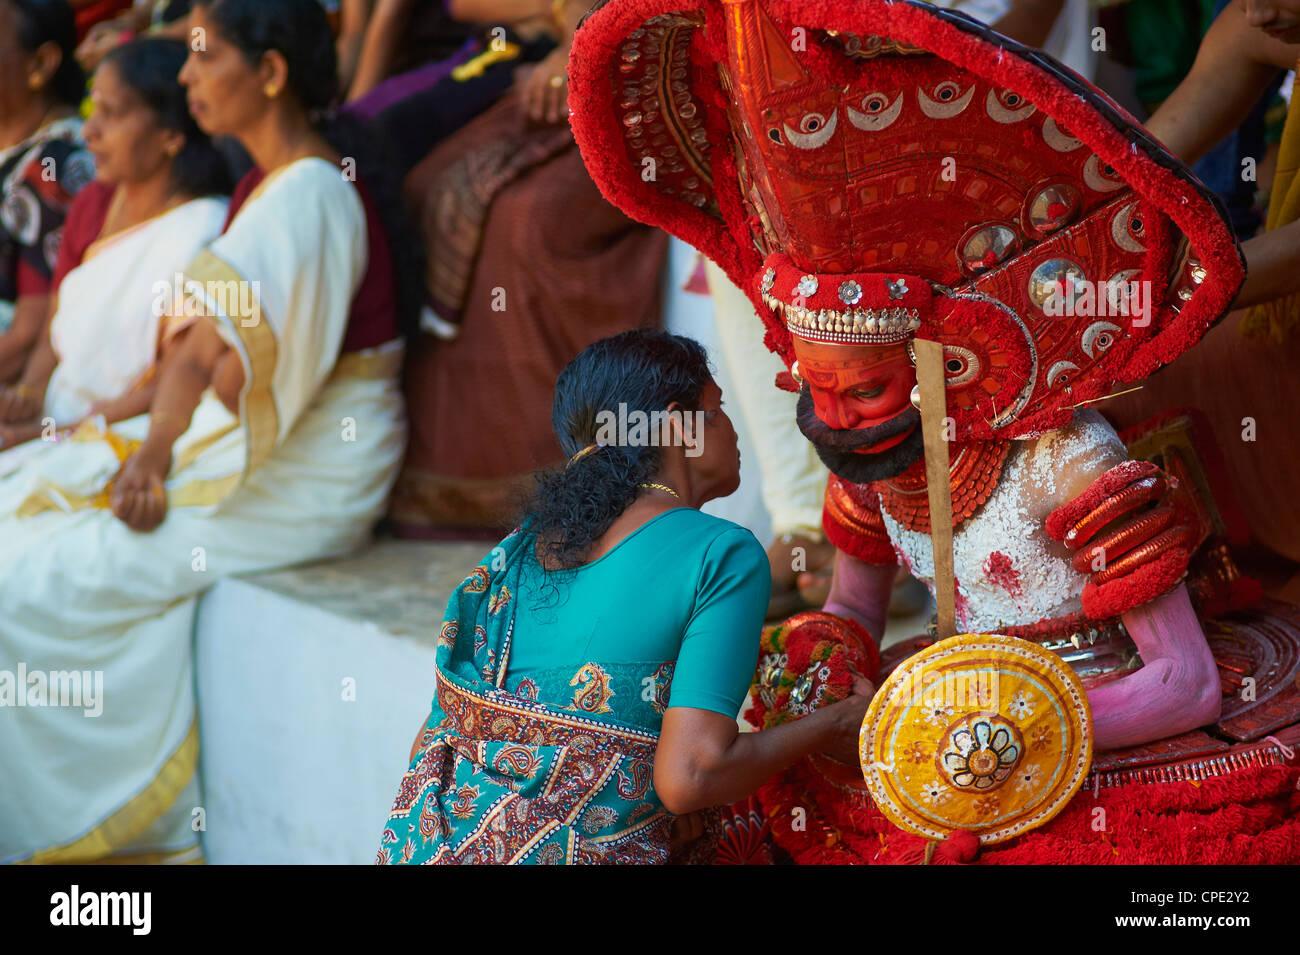 Uomo in costume che rappresenta un dio alla cerimonia Teyyam, vicino Kannur, Kerala, India, Asia Immagini Stock